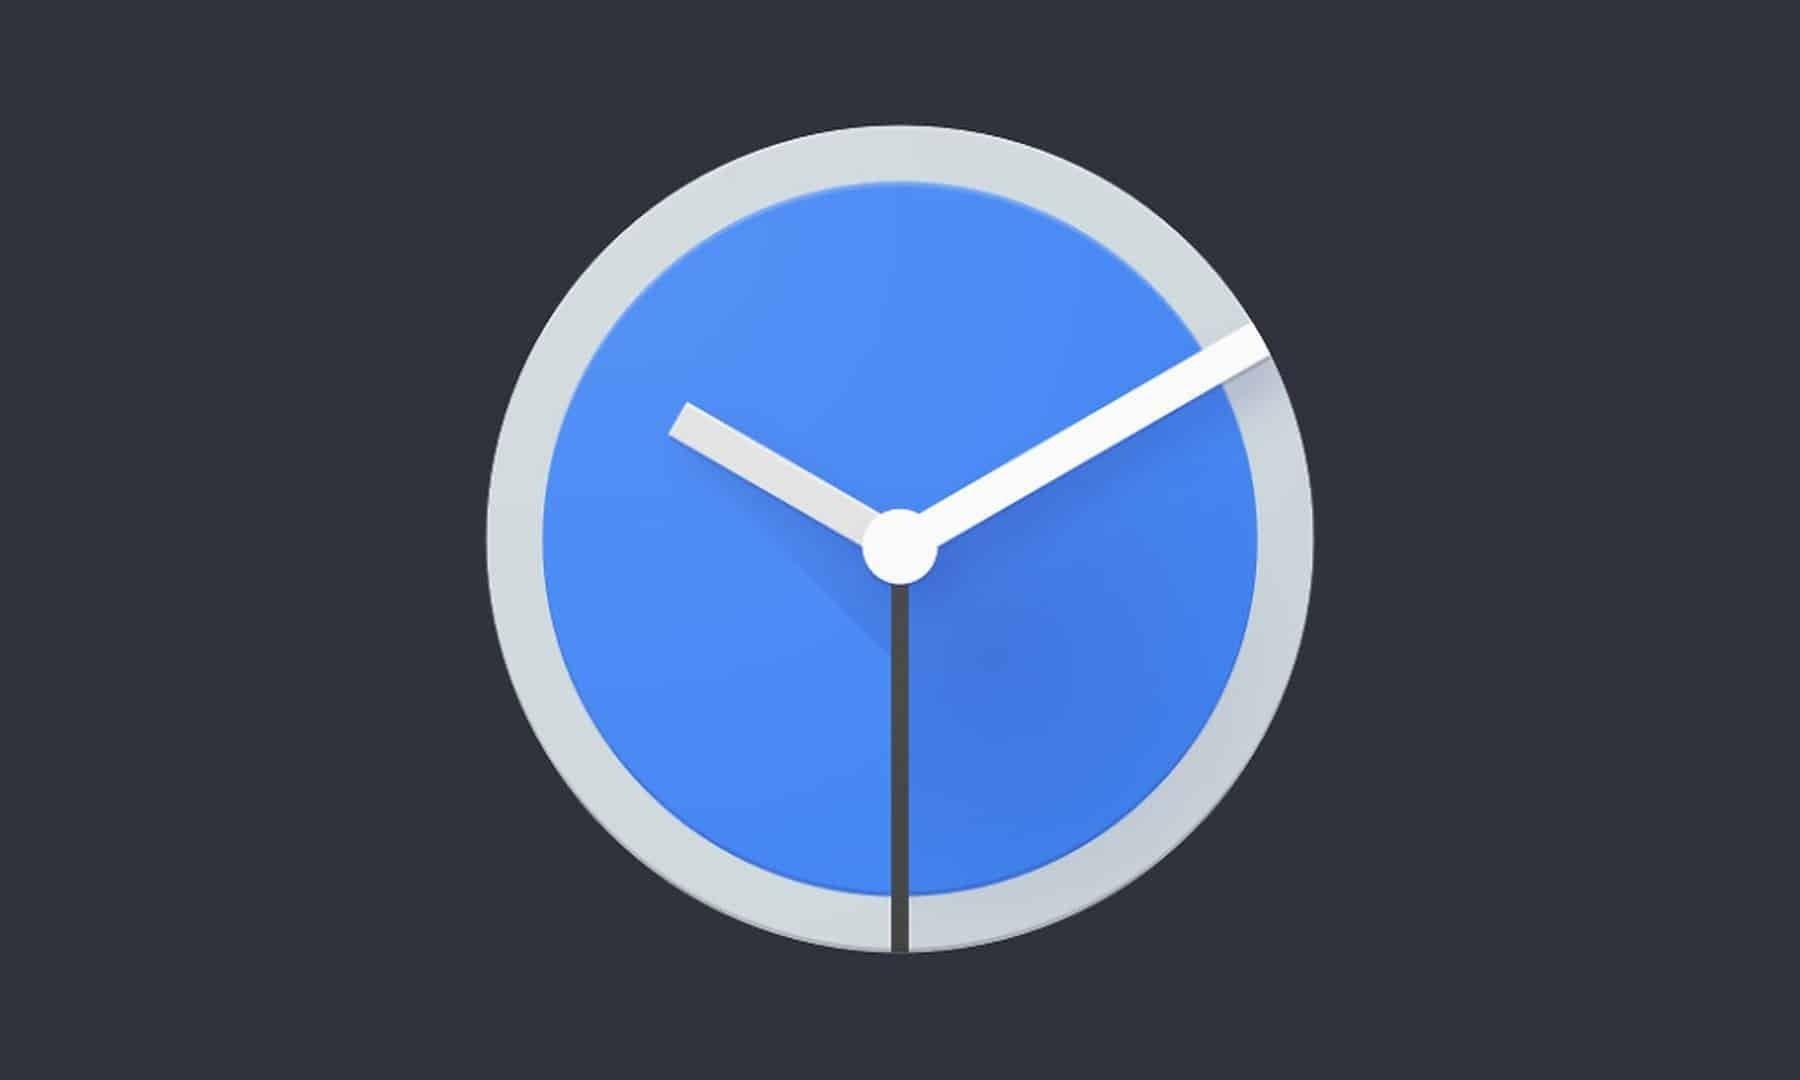 Google relógio app